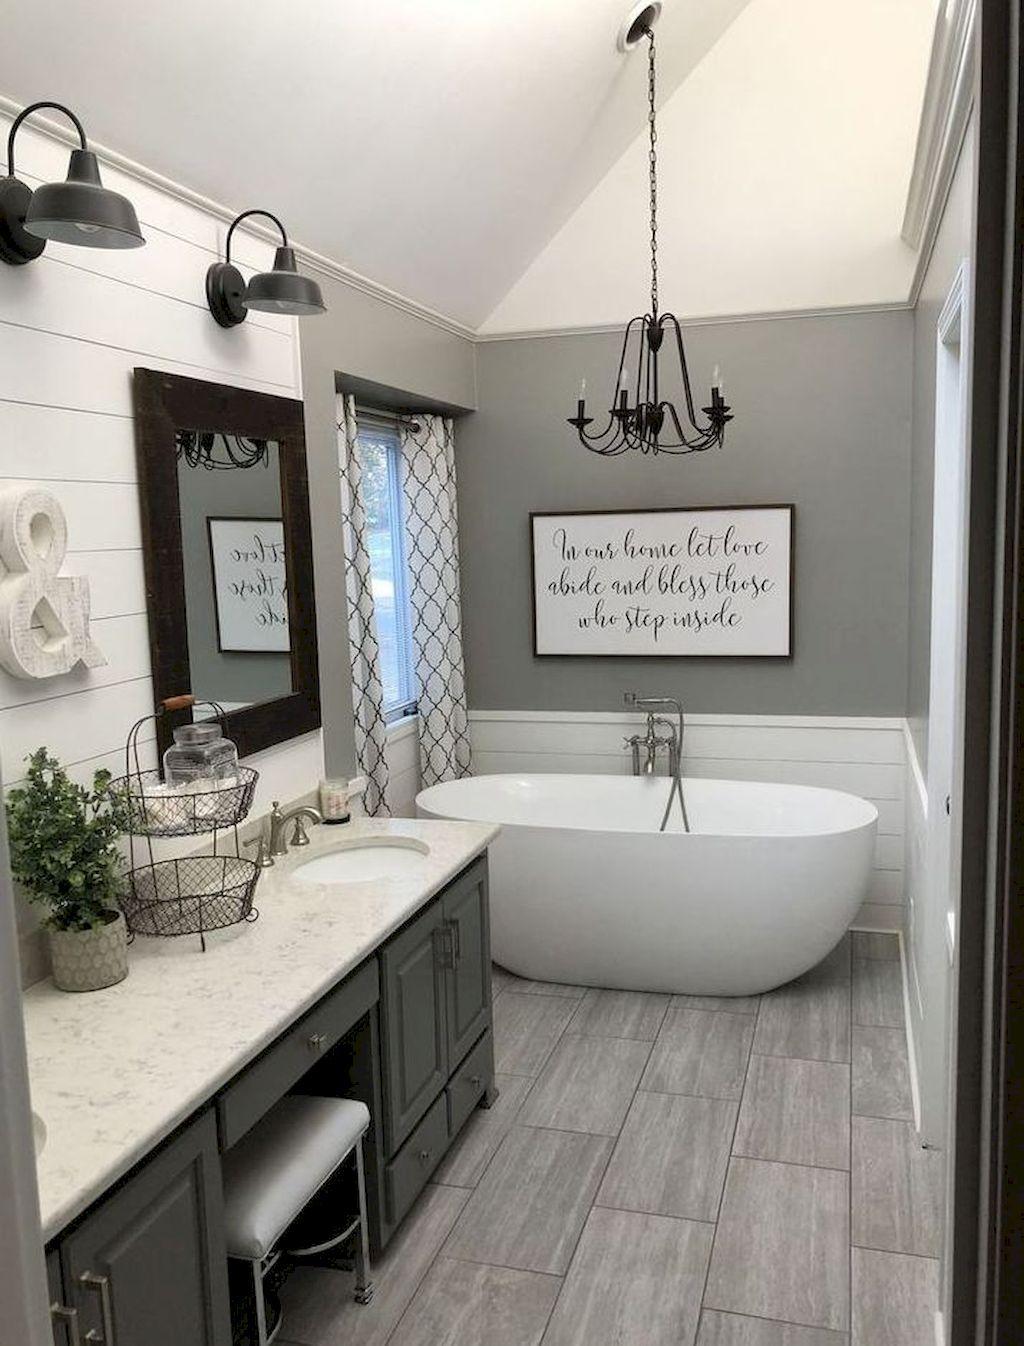 Grey Decor Bathroom: Pin By Monique Bagnall On Home Decor